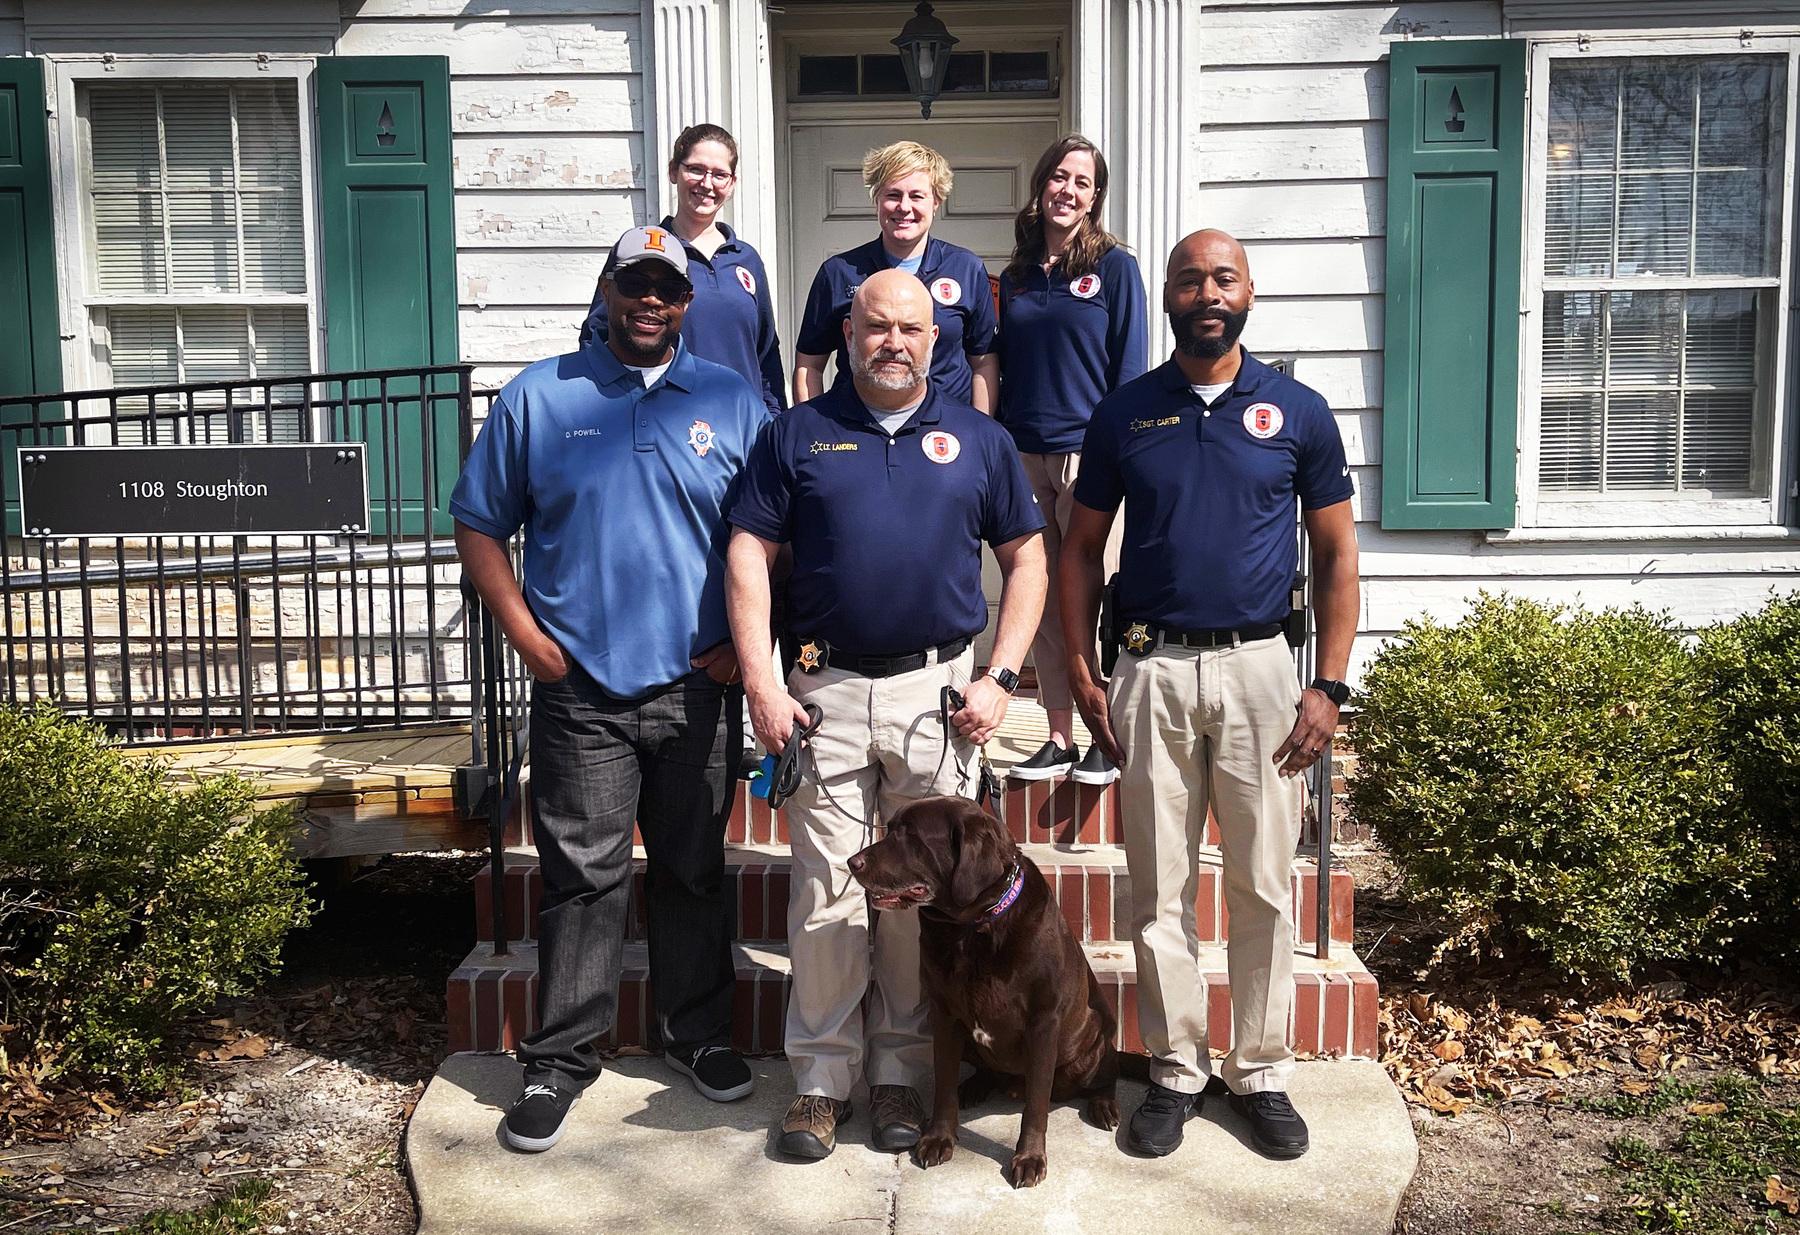 COAST team poses for photo